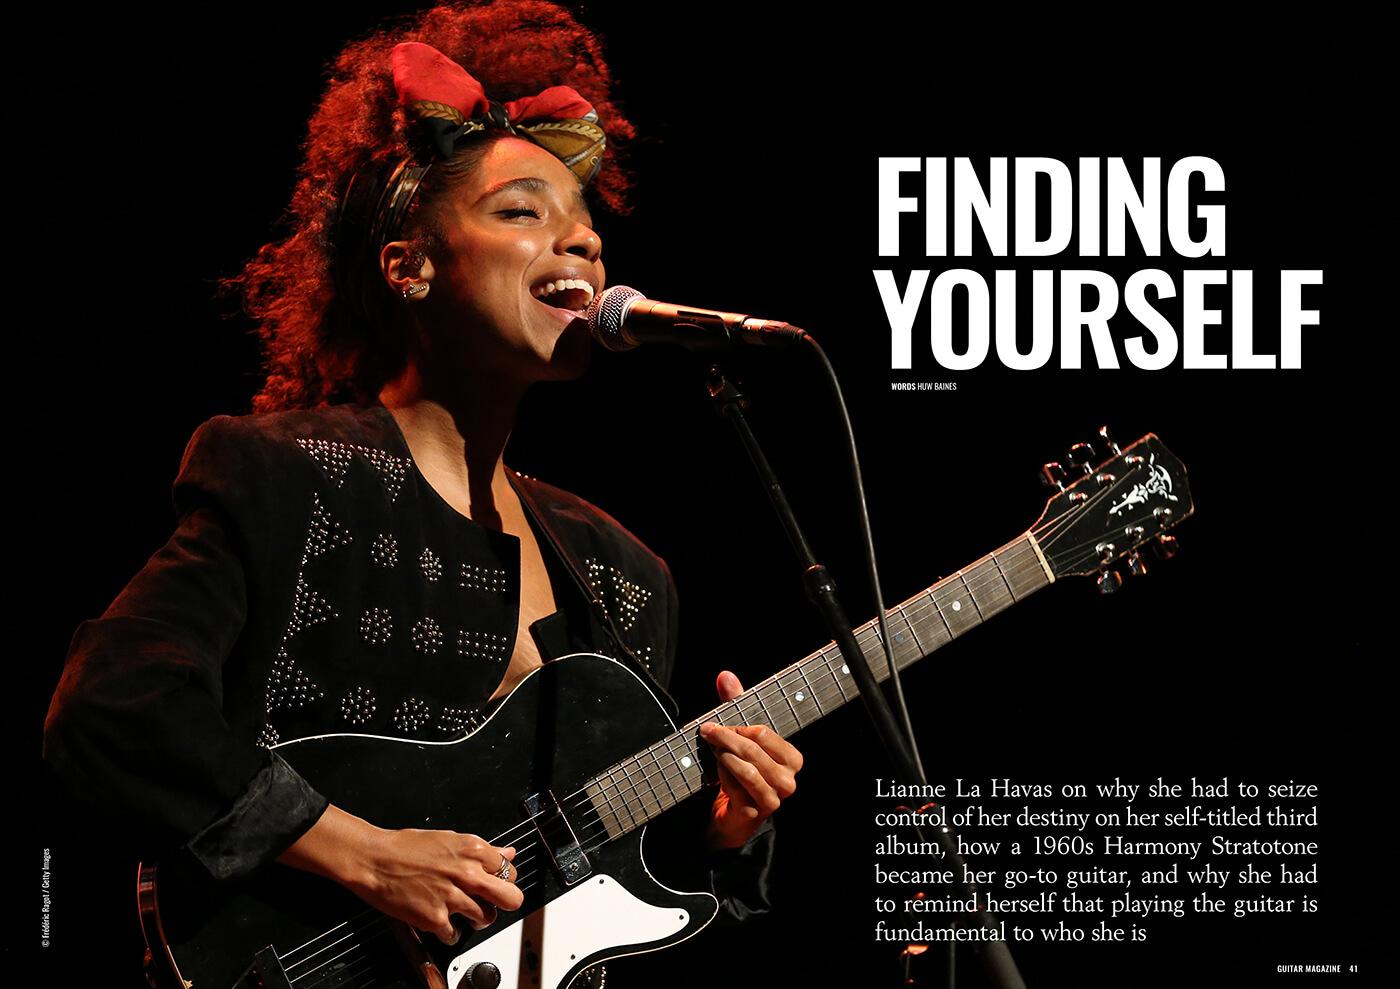 lianne la havas guitar magazine